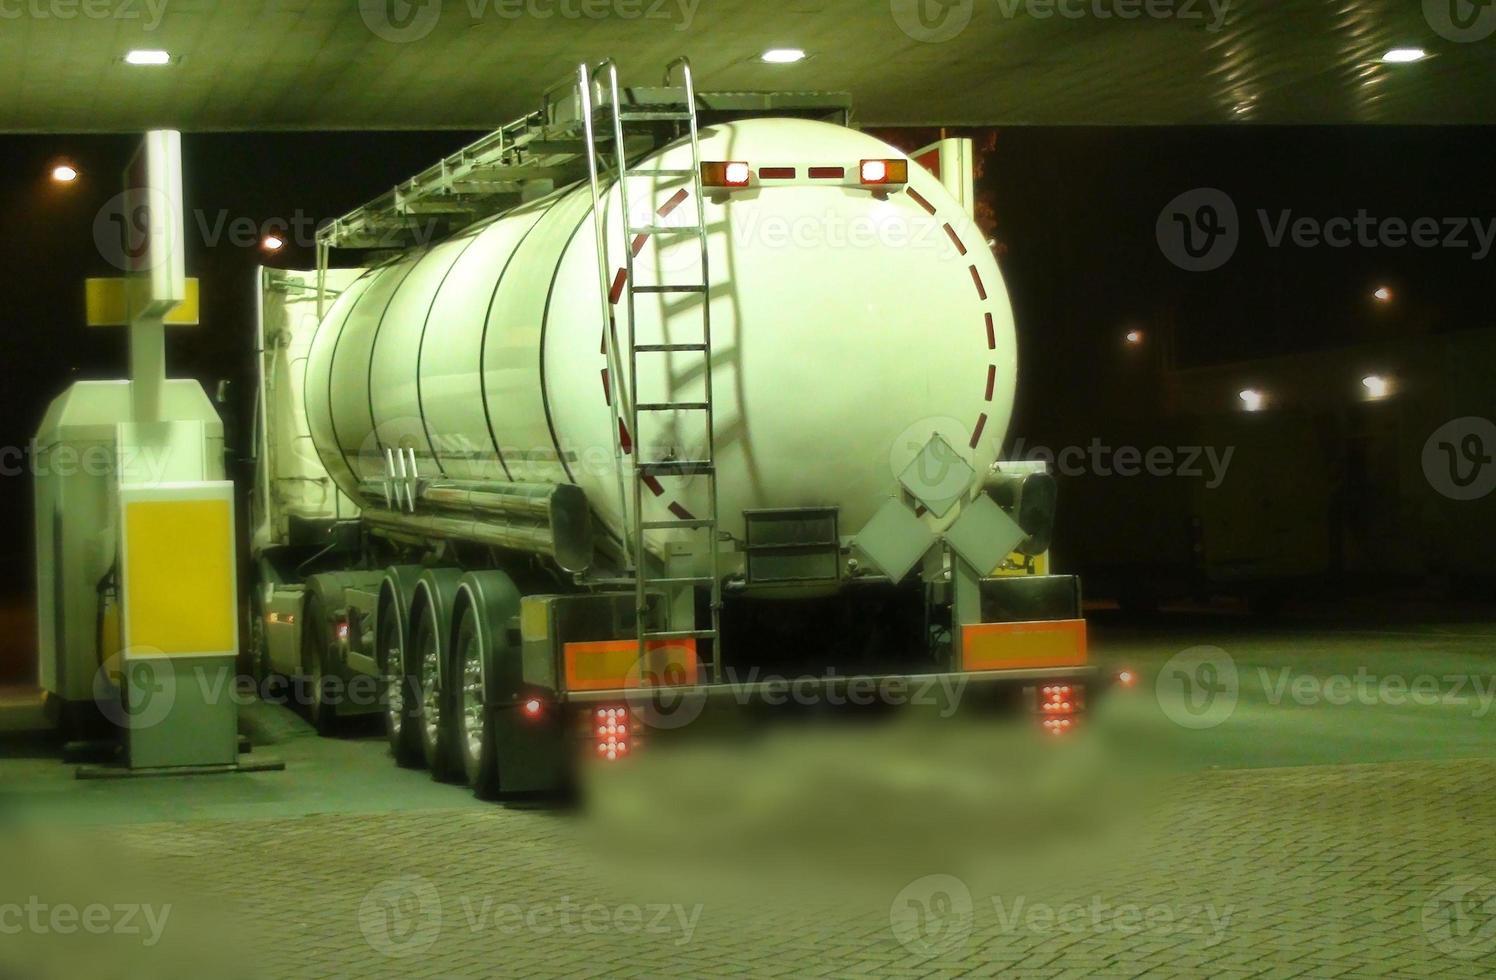 camión cisterna en una estación de servicio en la noche, foto